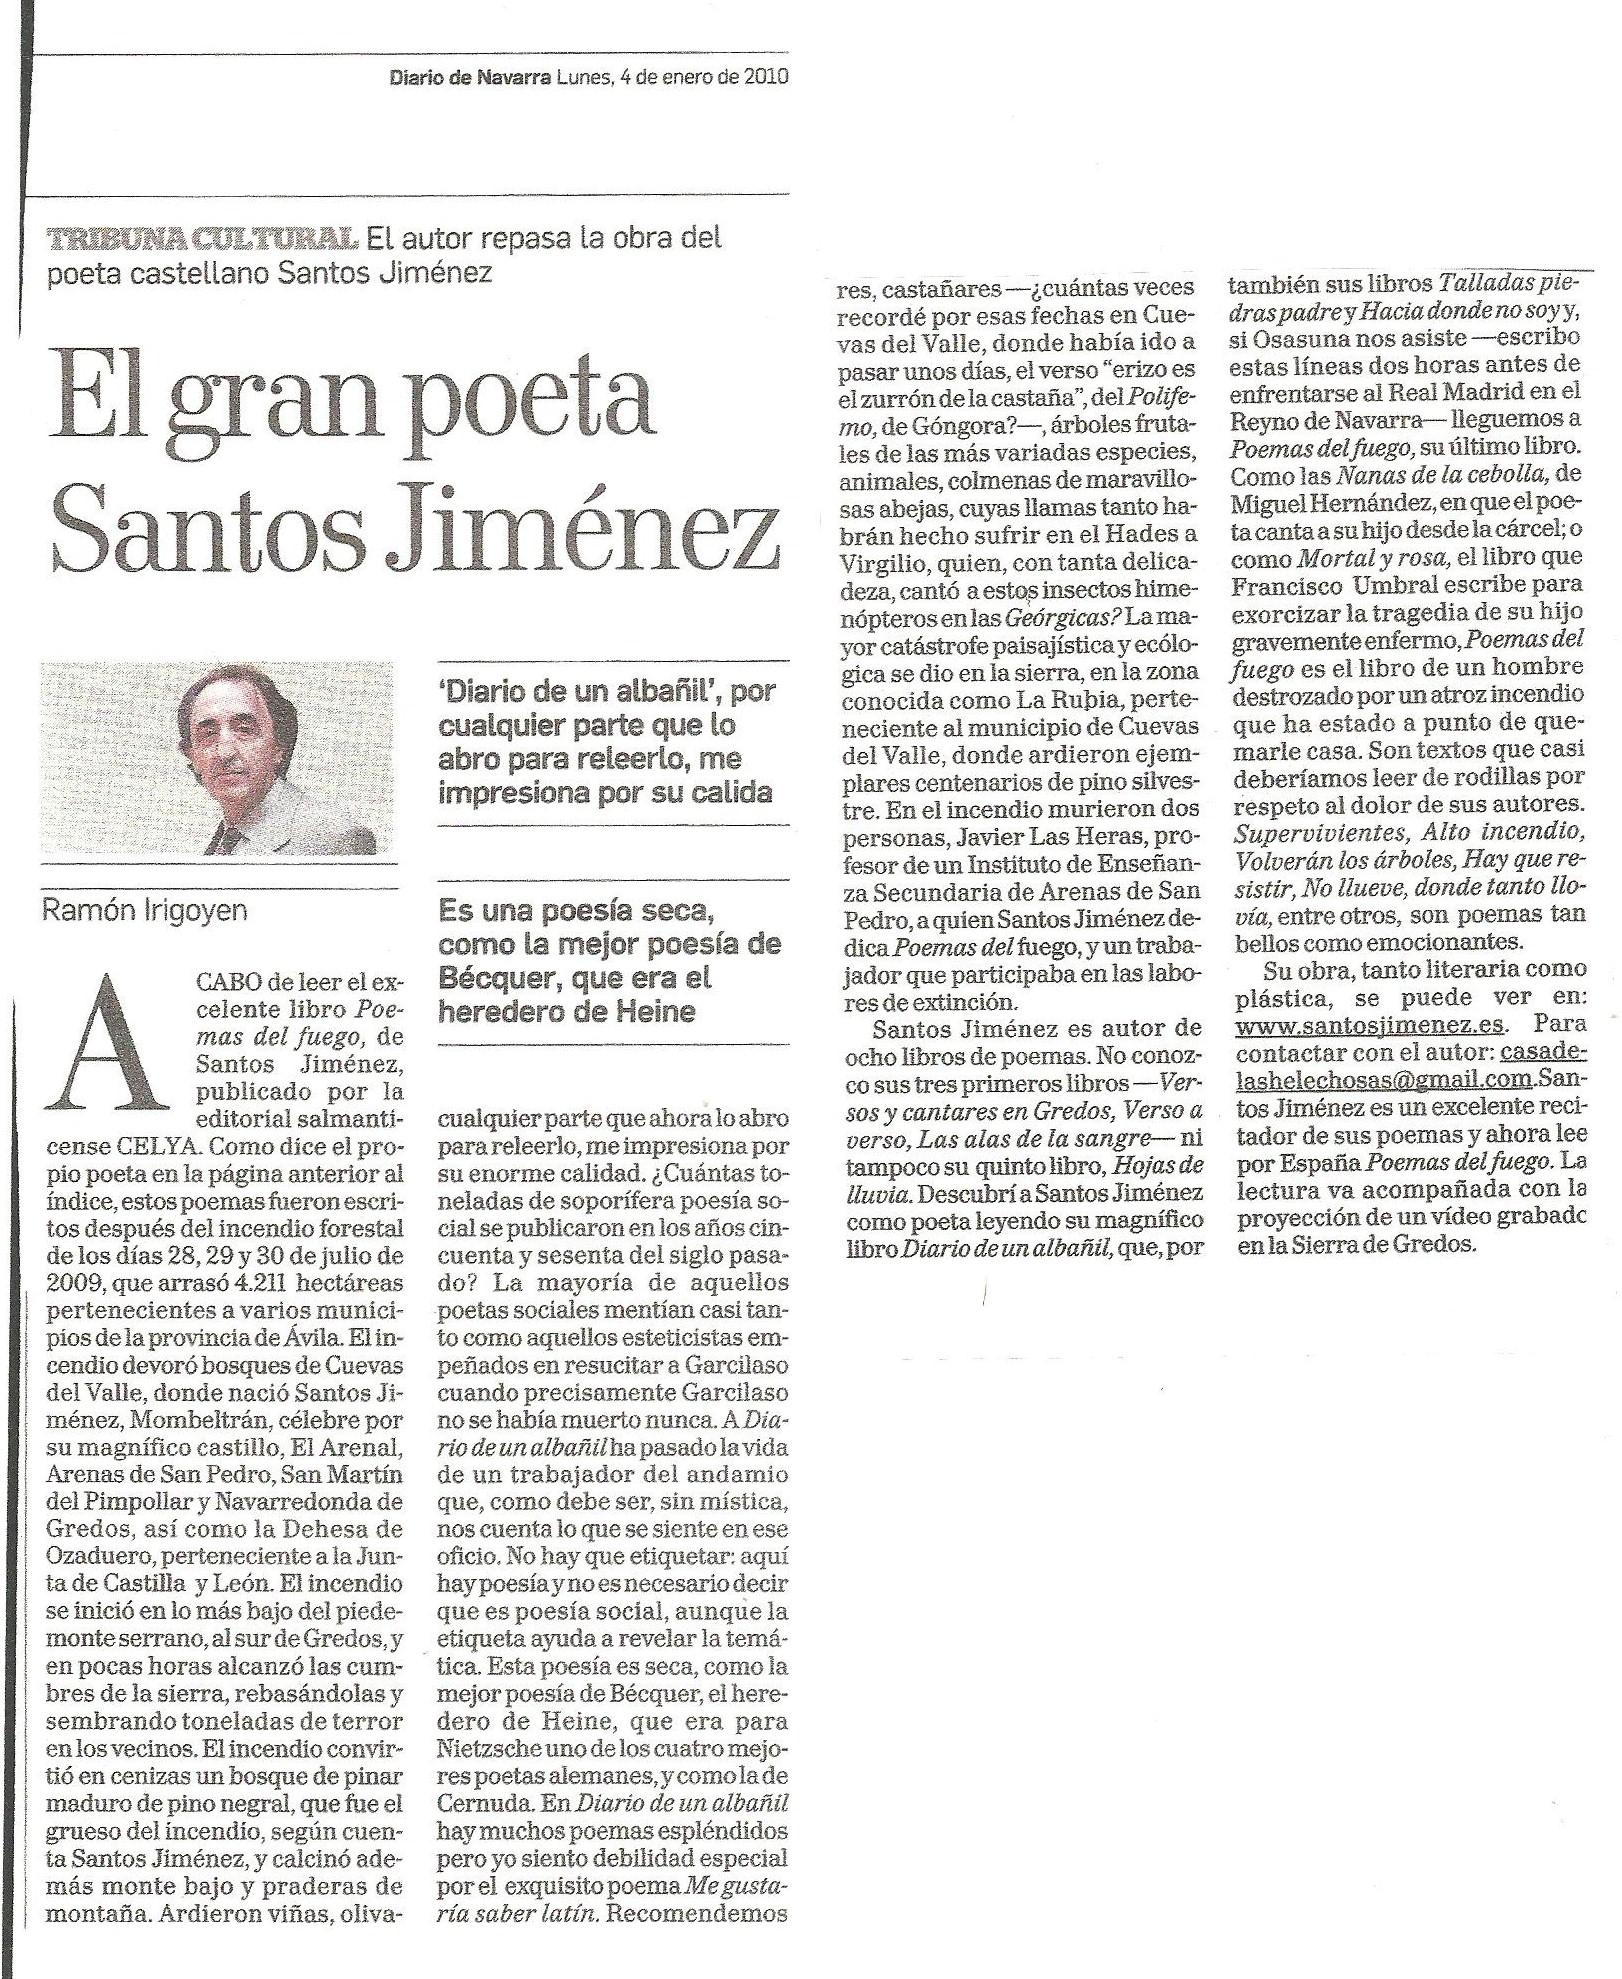 DIARIO DE NAVARRA: Tribuna cultural de Ramón Irigoyen.